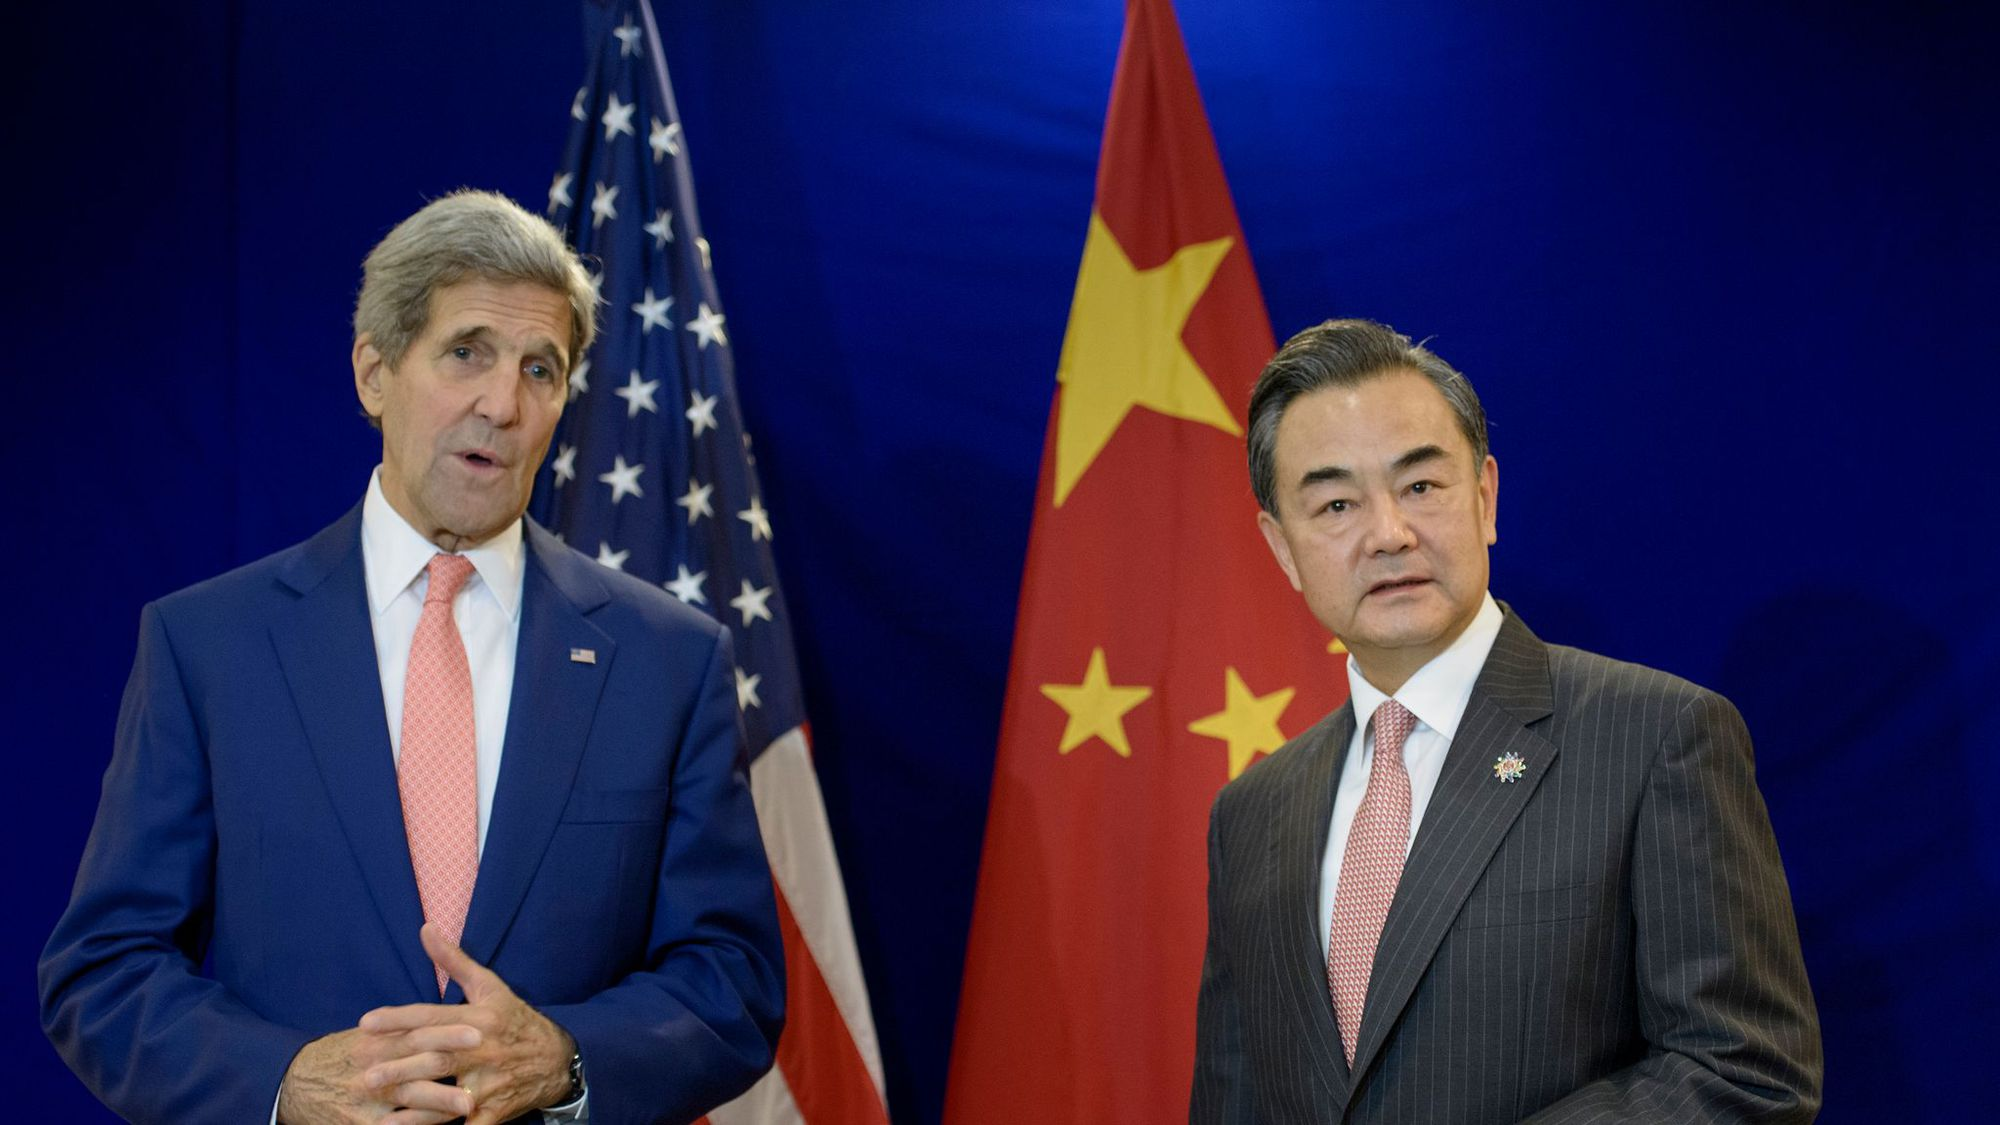 le-secretaire-d-etat-americain-john-kerry-et-son-homologue-chinois-wang-yi-lors-d-un-entretien-le-5-aout-2015-a-kuala-lumpur_5393131